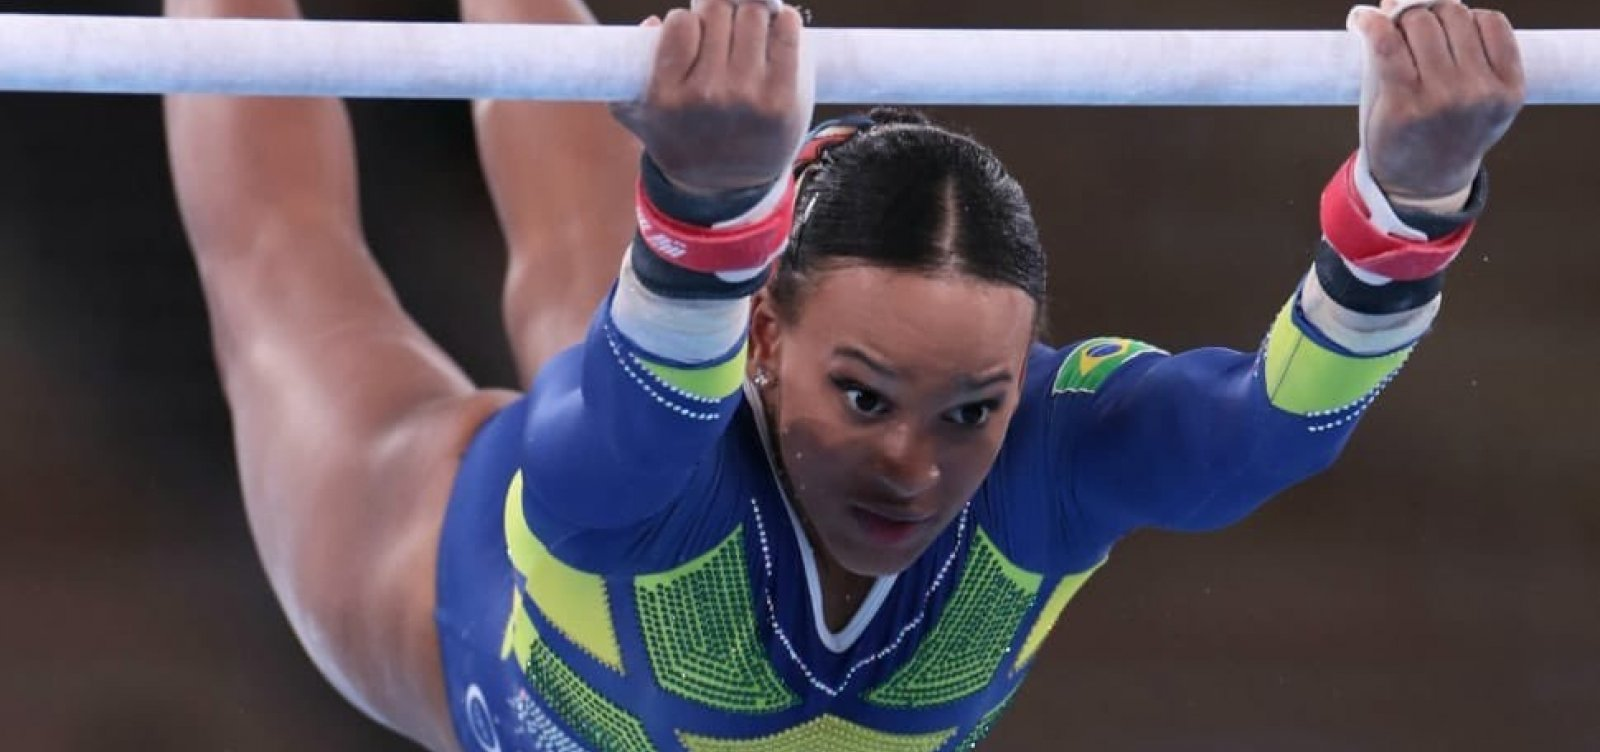 Rebeca Andrade conquista prata e a primeira medalha da ginástica feminina